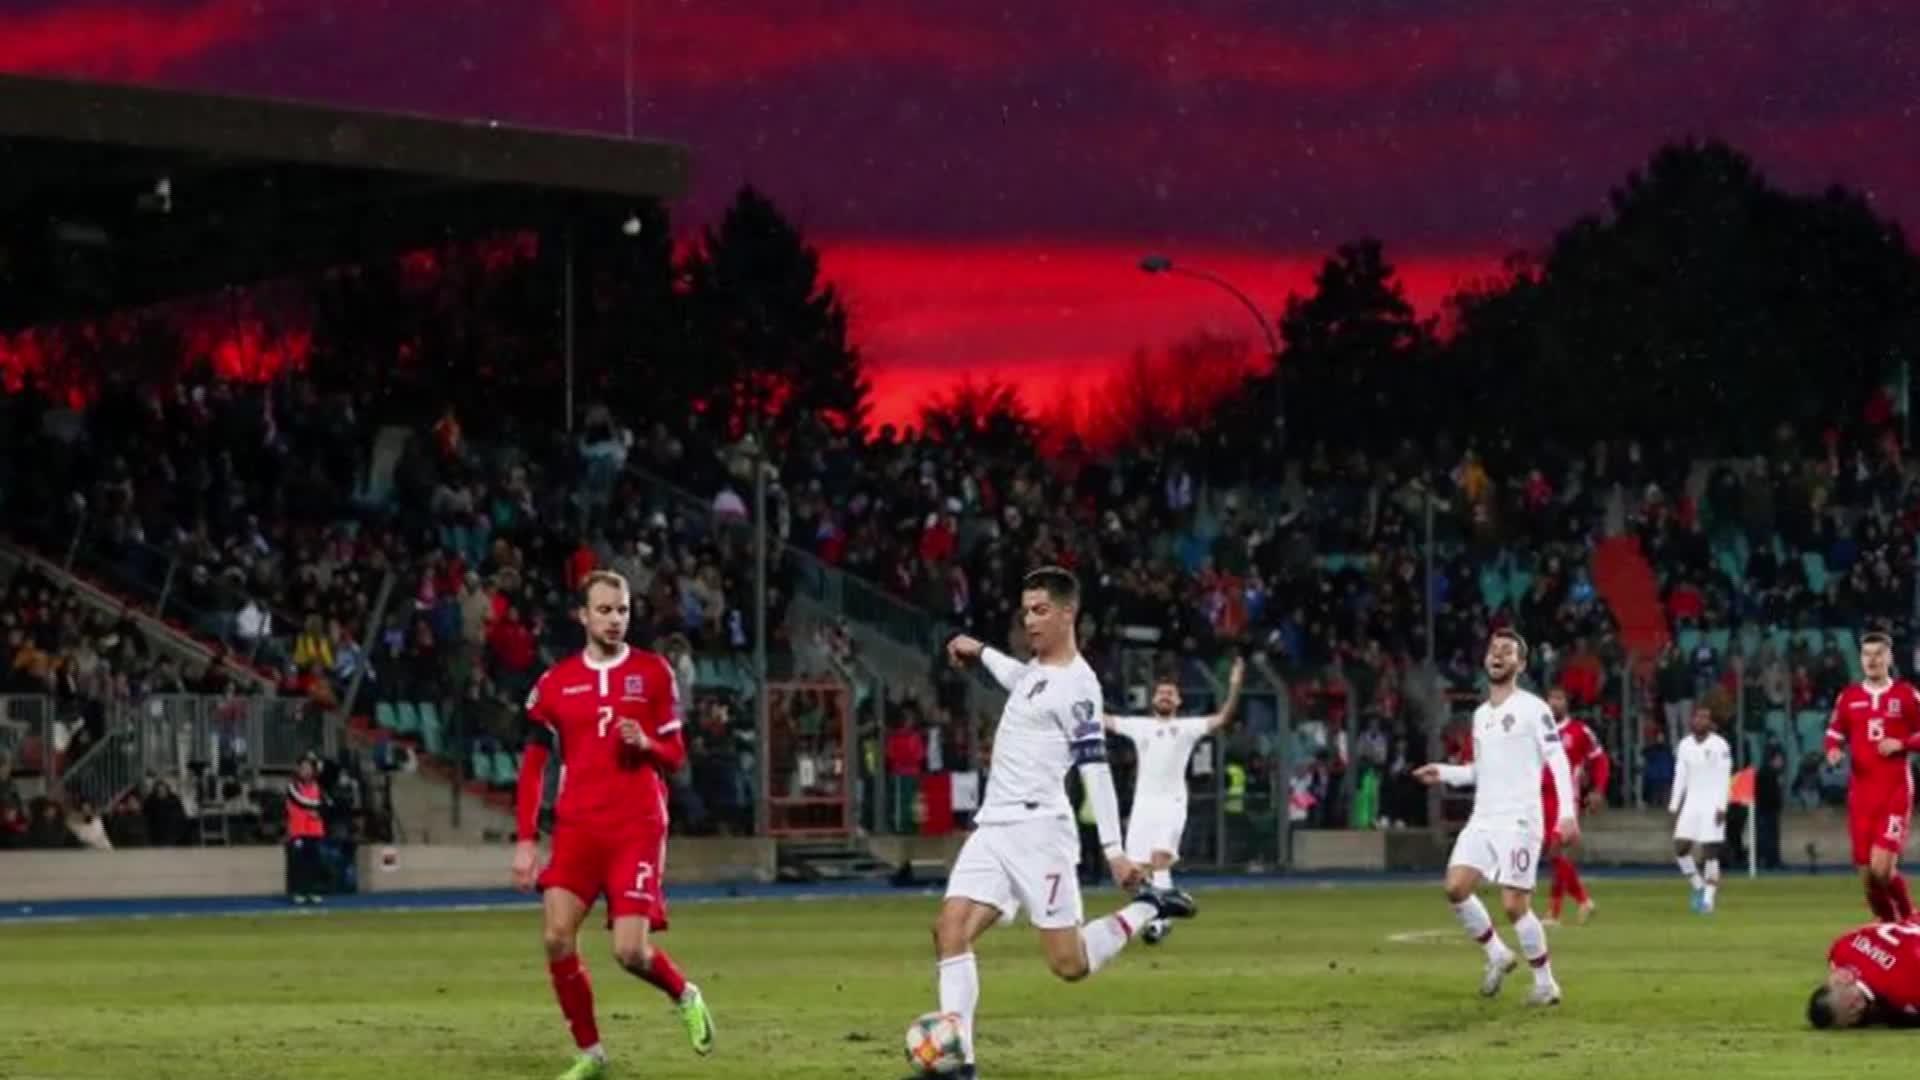 明年欧洲杯有24个正赛名额 葡萄牙成功晋级成第17支球队